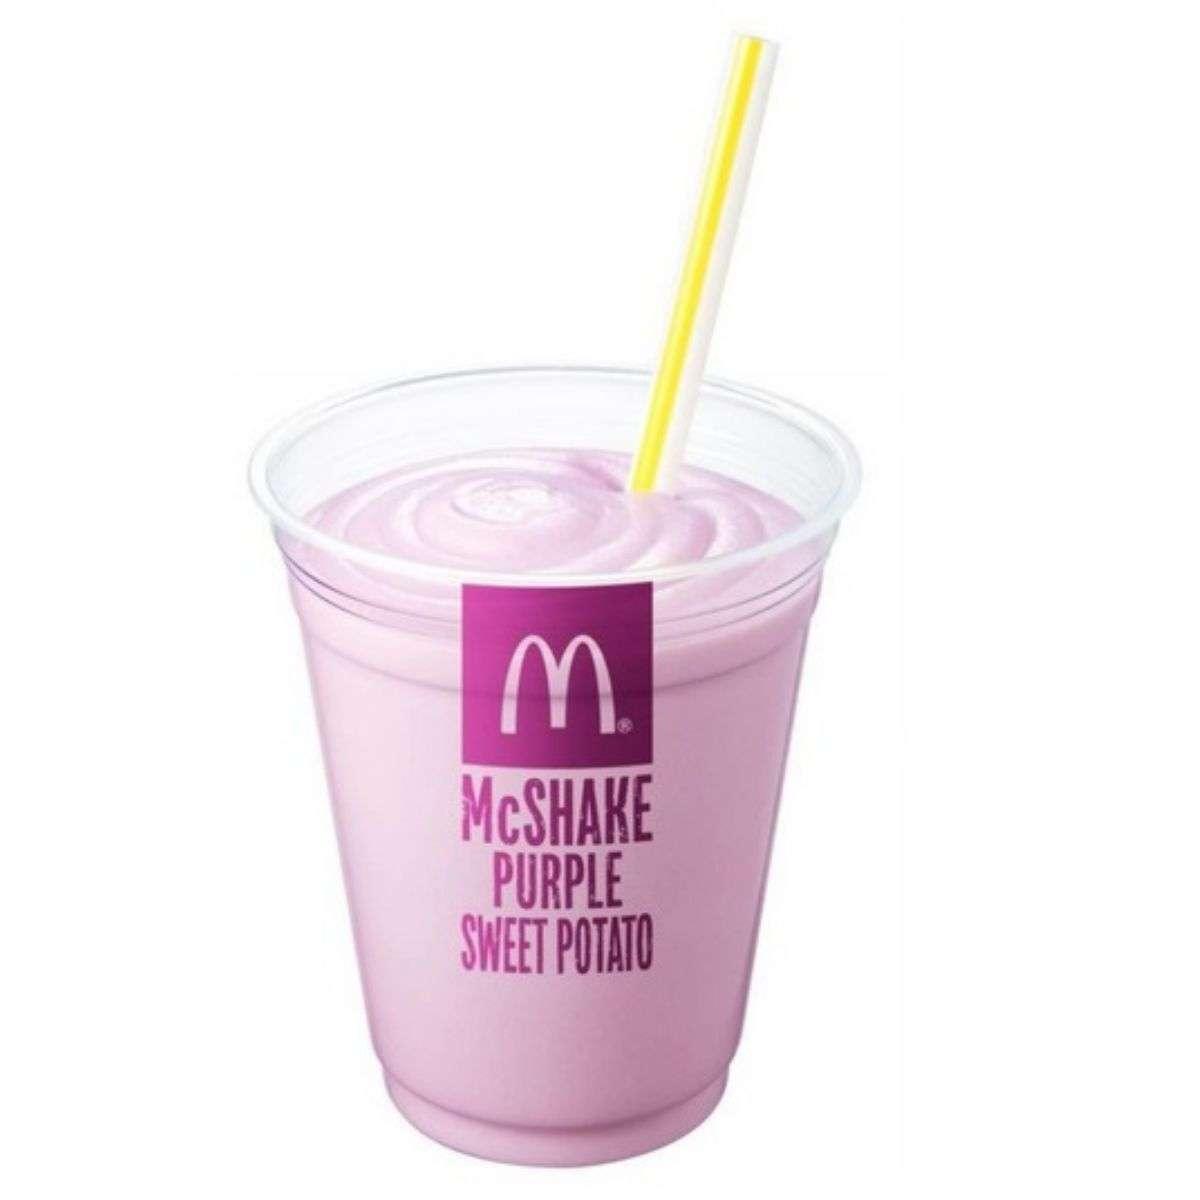 秋限定『マックシェイク 紫いも』がマクドナルドの100円メニューに初登場 - 週アスPLUS